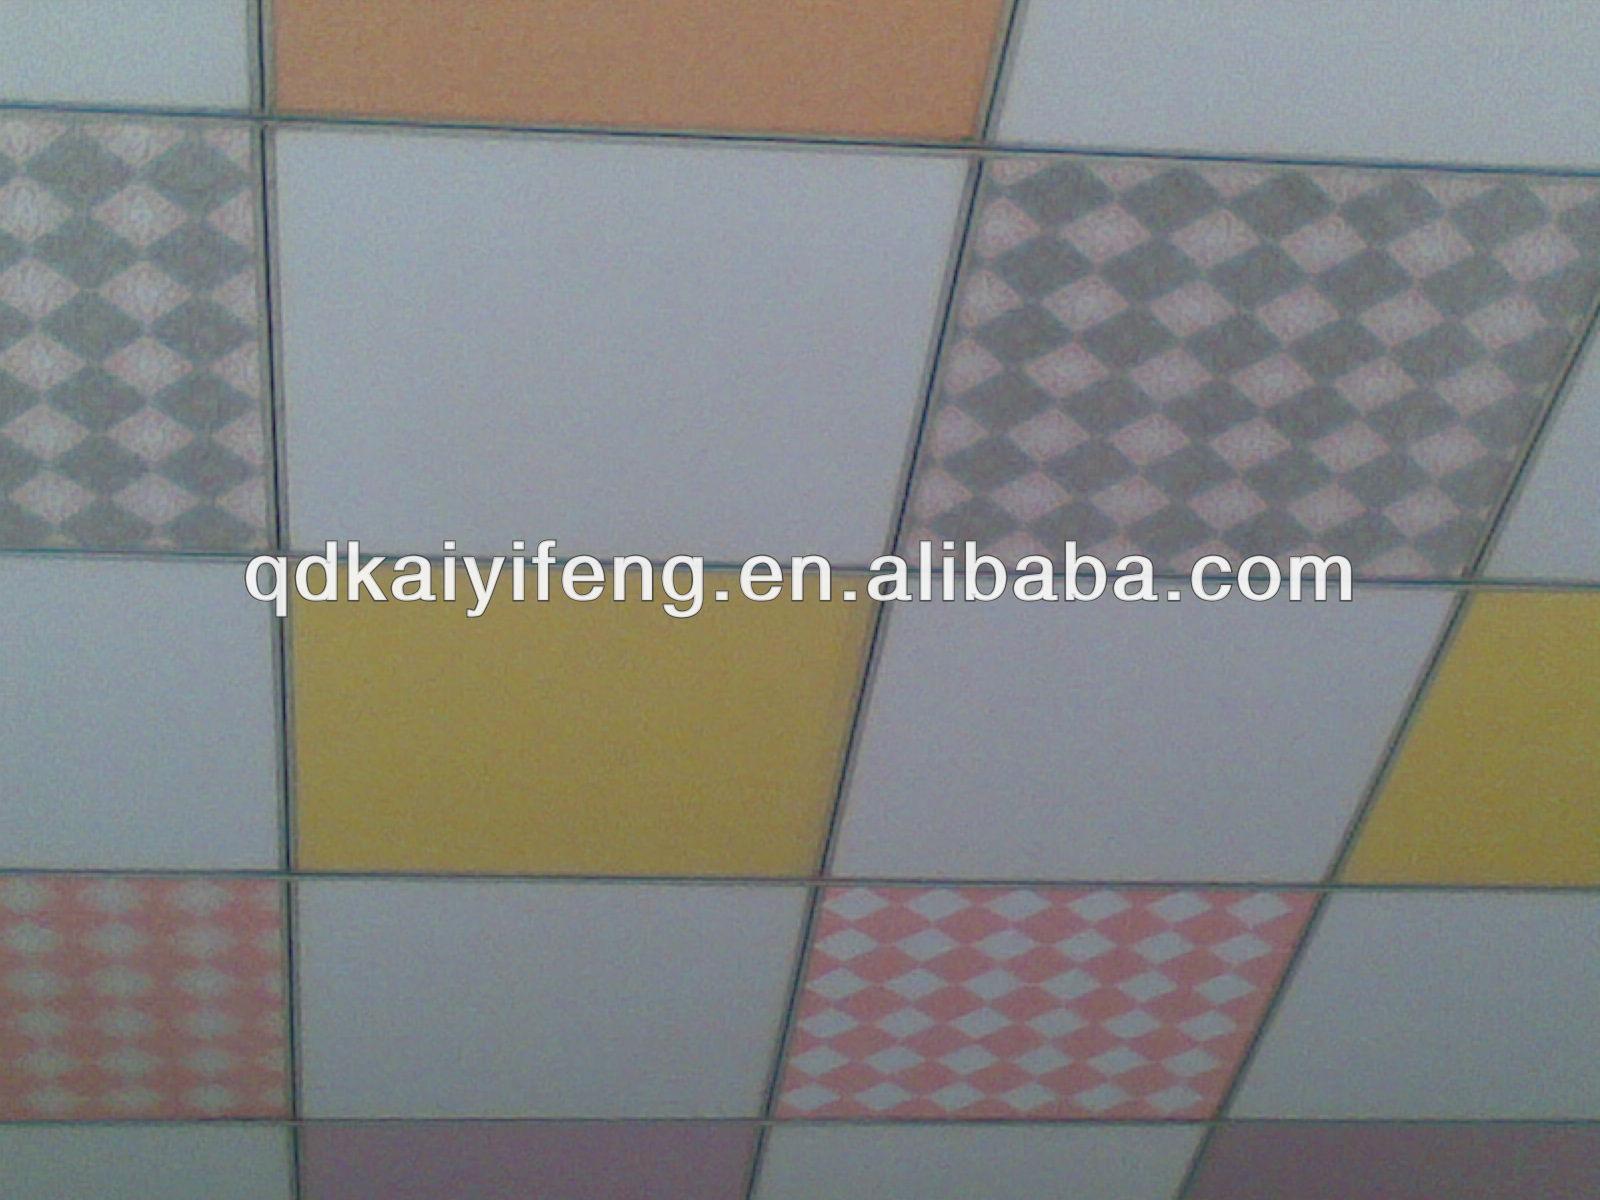 Vinyl laminated gypsum ceiling tiles design buy gypsum ceiling vinyl laminated gypsum ceiling tiles design dailygadgetfo Images